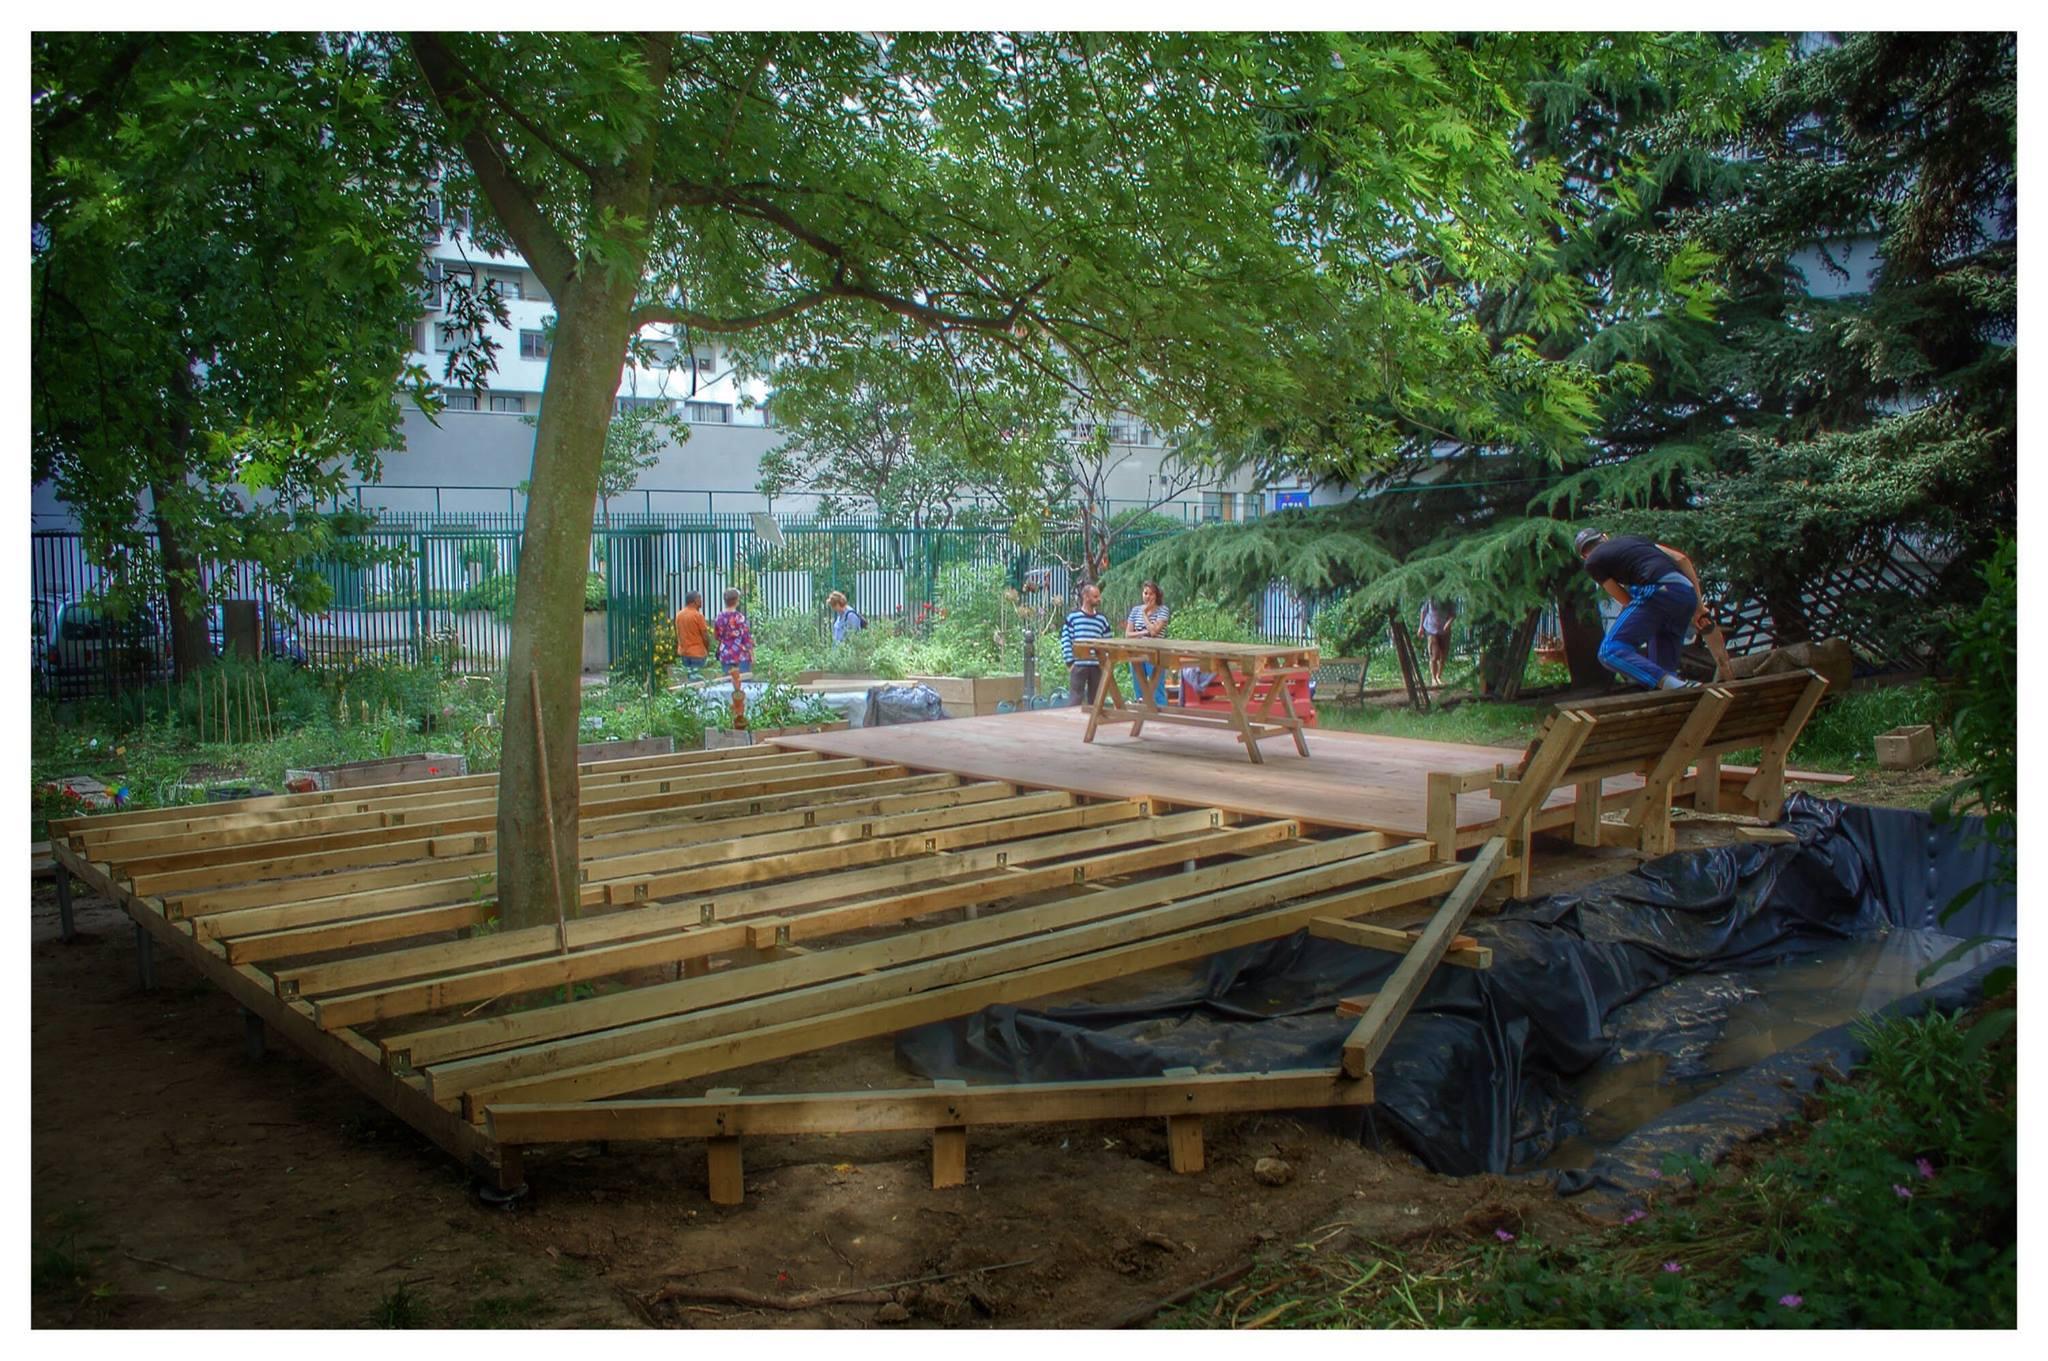 YA+K - yaplusk - Baleine Verte - chantier participatif à Paris 12ème (2)